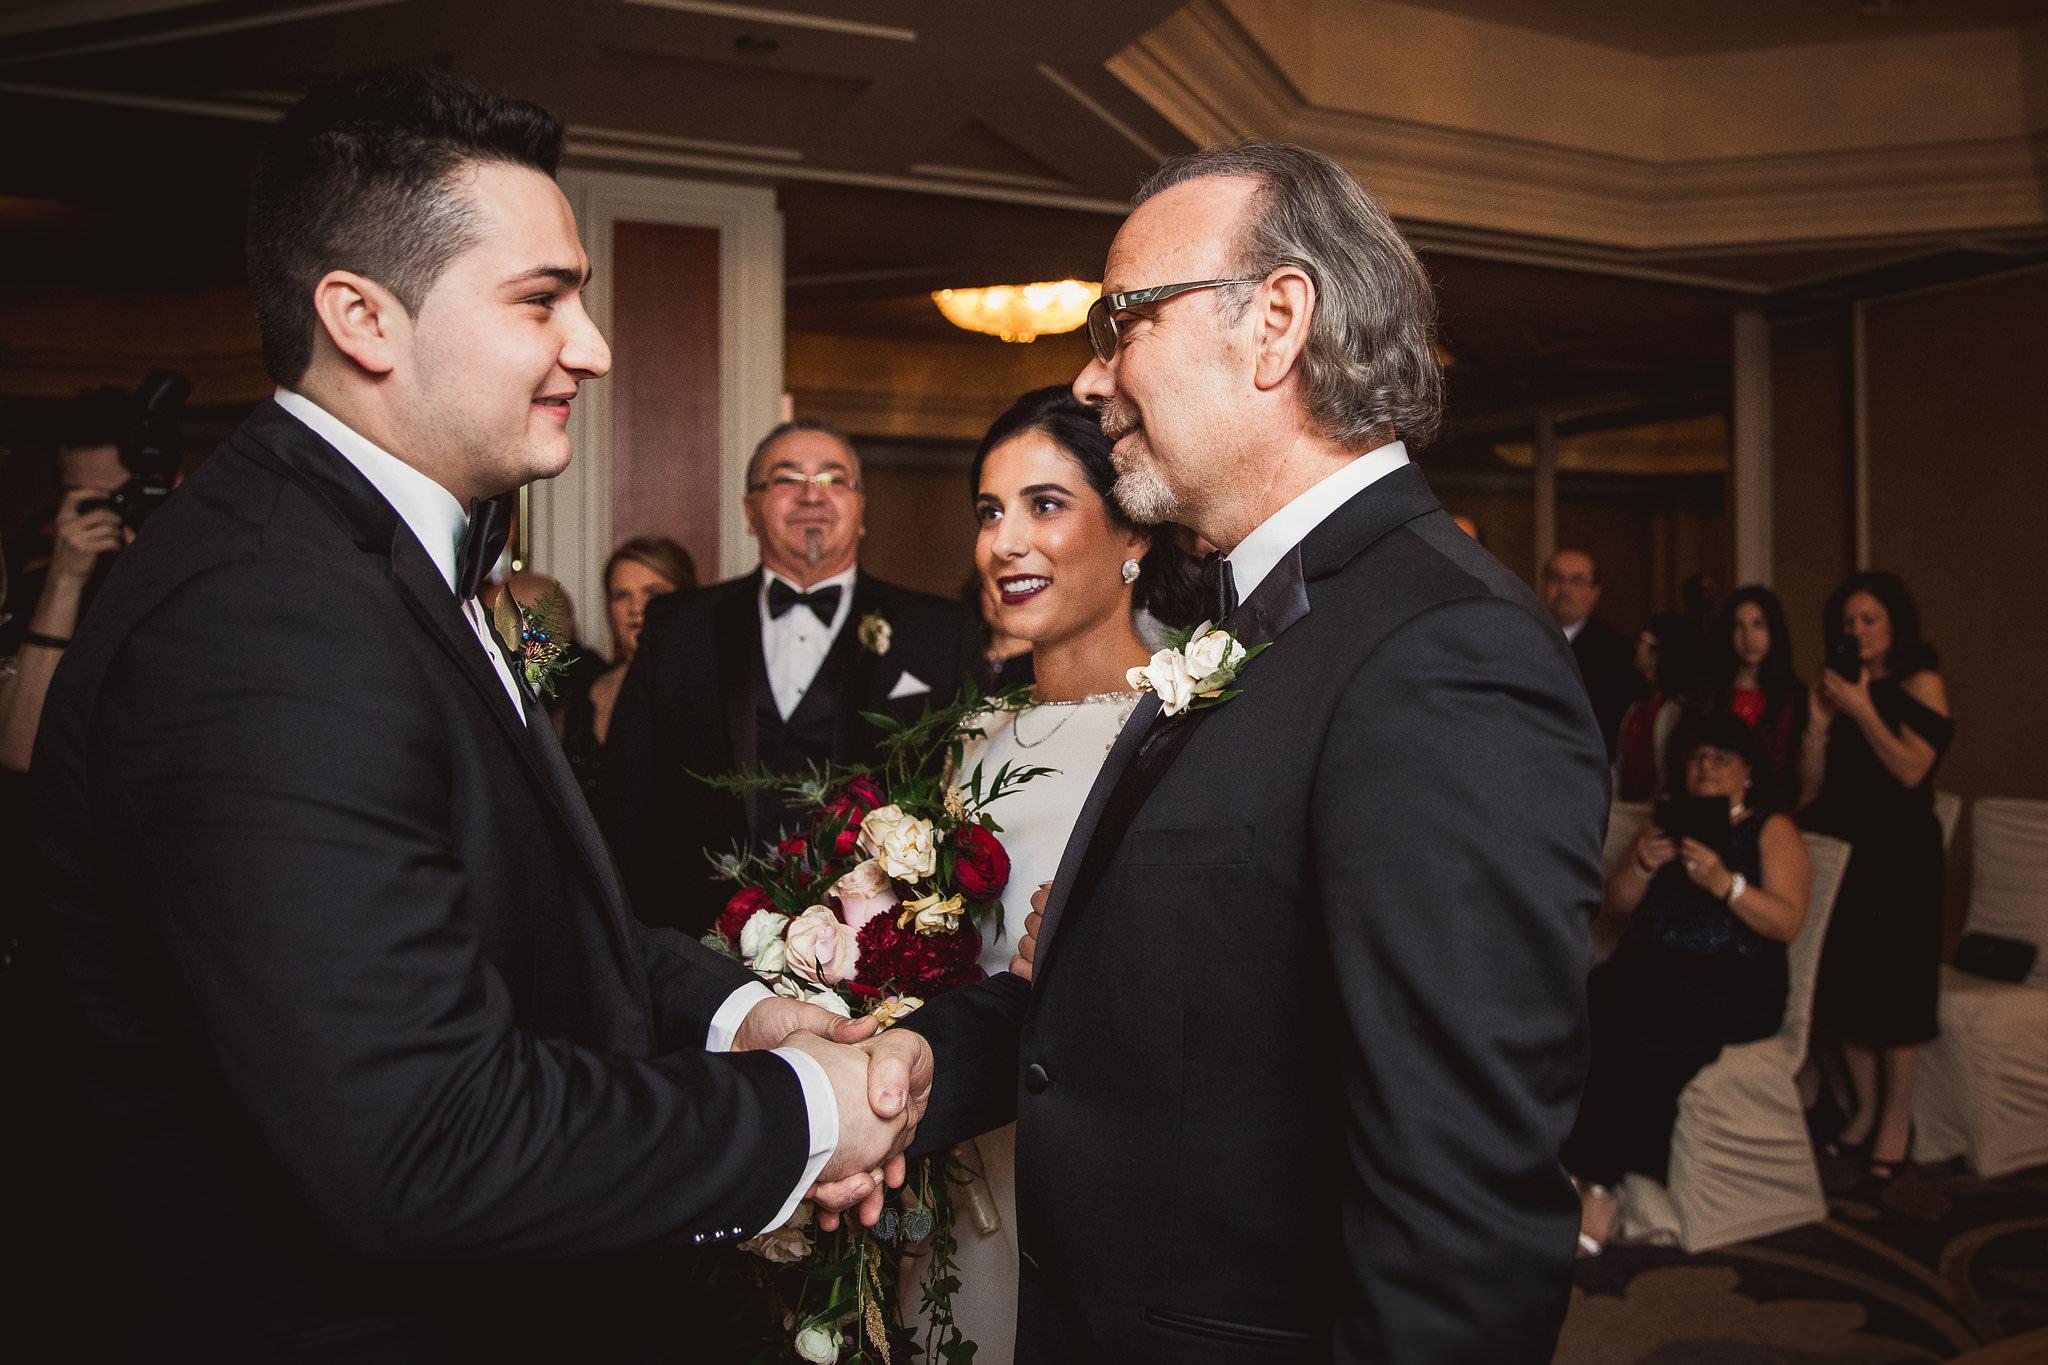 Rebecca Michael King Edward Hotel NYE Wedding Photos 505 - King Edward Hotel Wedding Photos